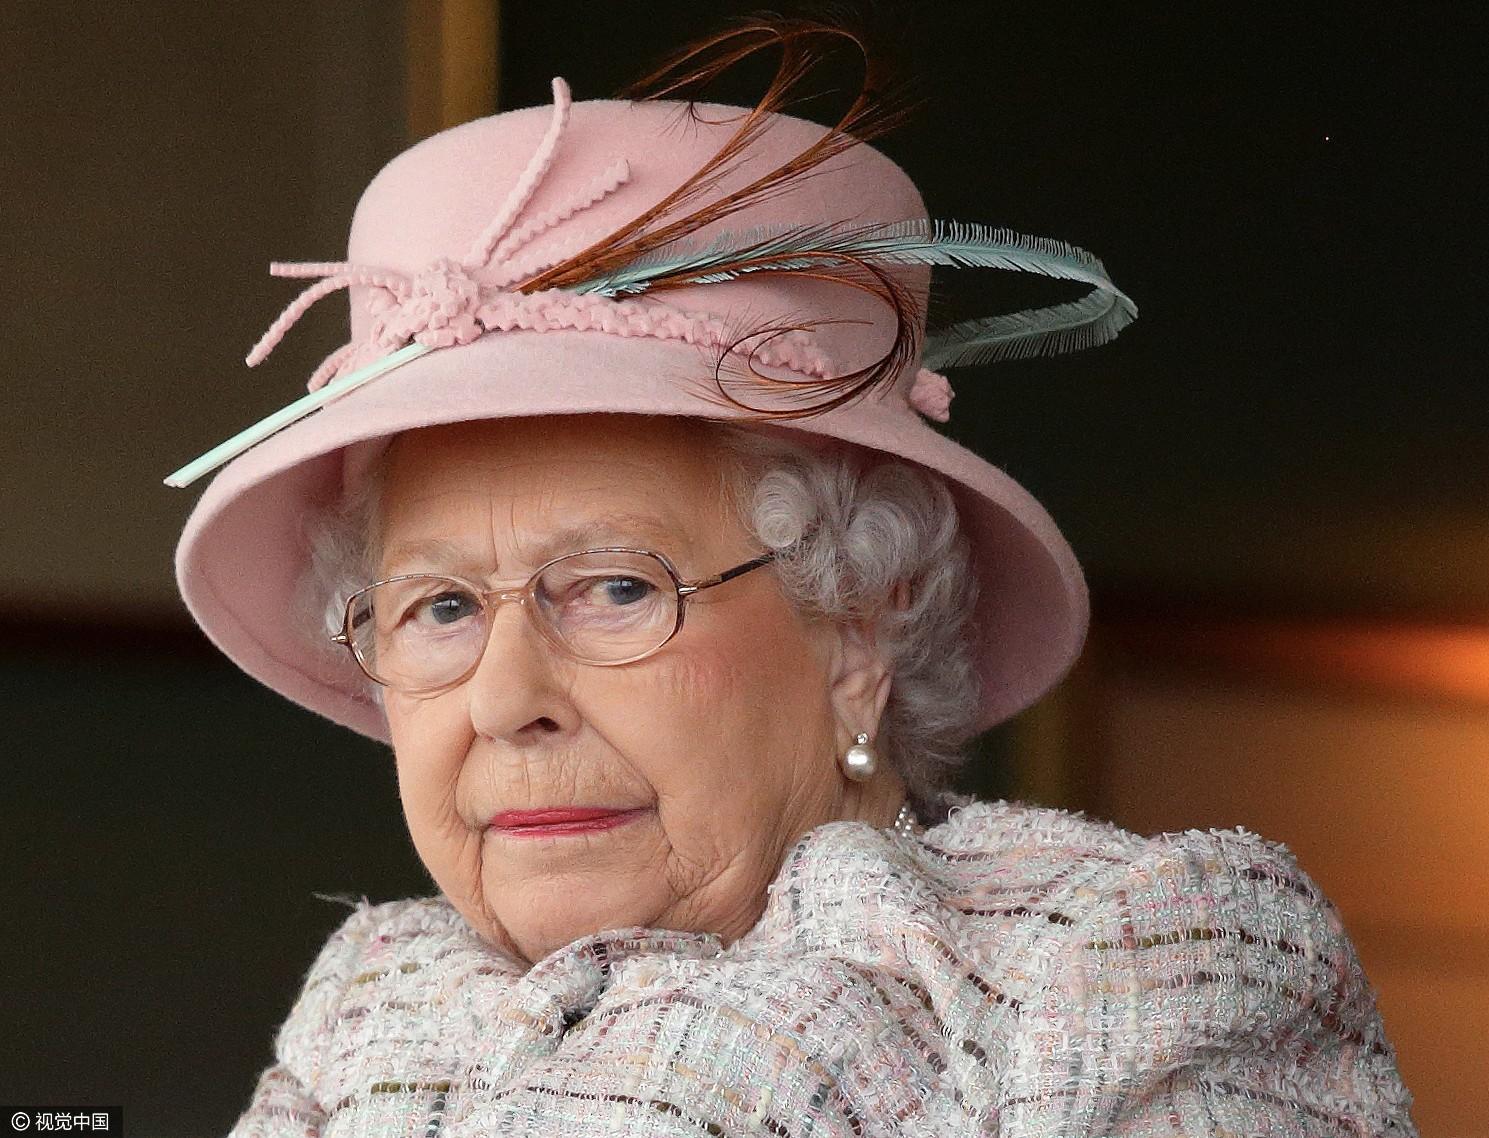 英生日伊丽莎白好似91岁表情接受v生日的表情女王包绿帽子庆祝她当然是图片